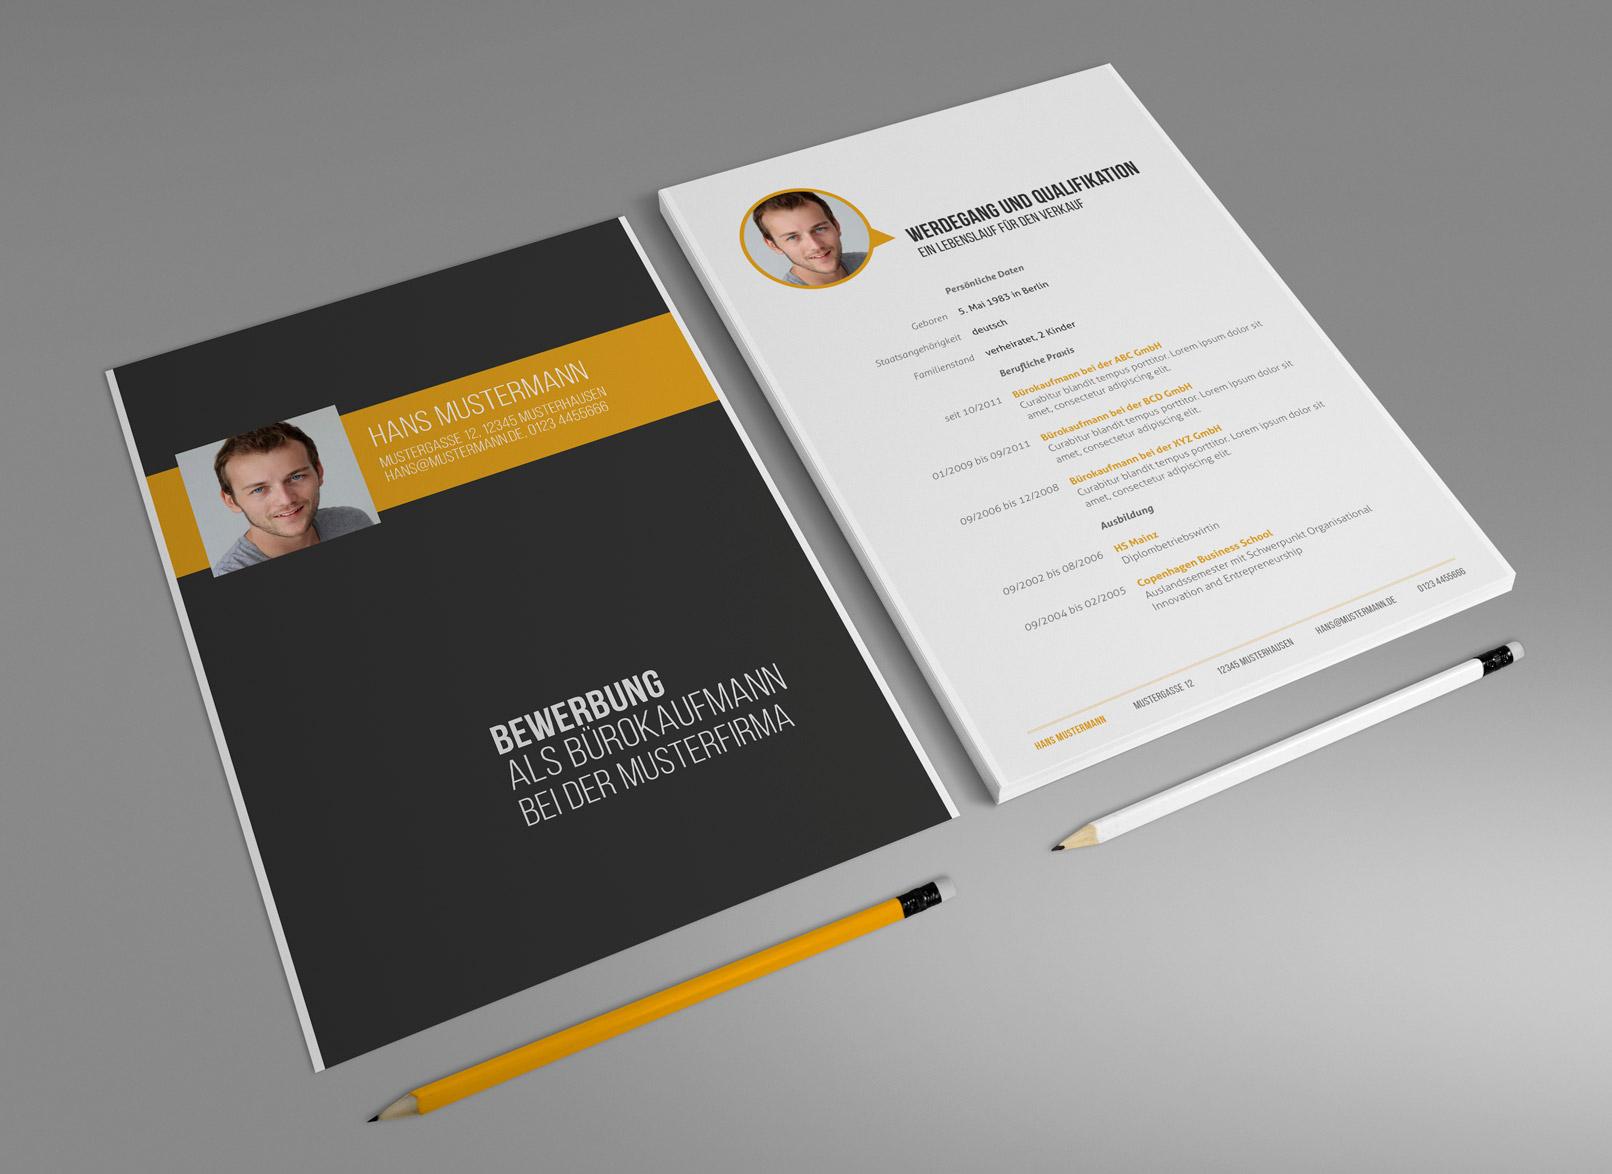 Design-Muster zur Bewerbung als Bürokauffrau, Bürokaufmann, Deckblatt und Lebenslauf in Gelb